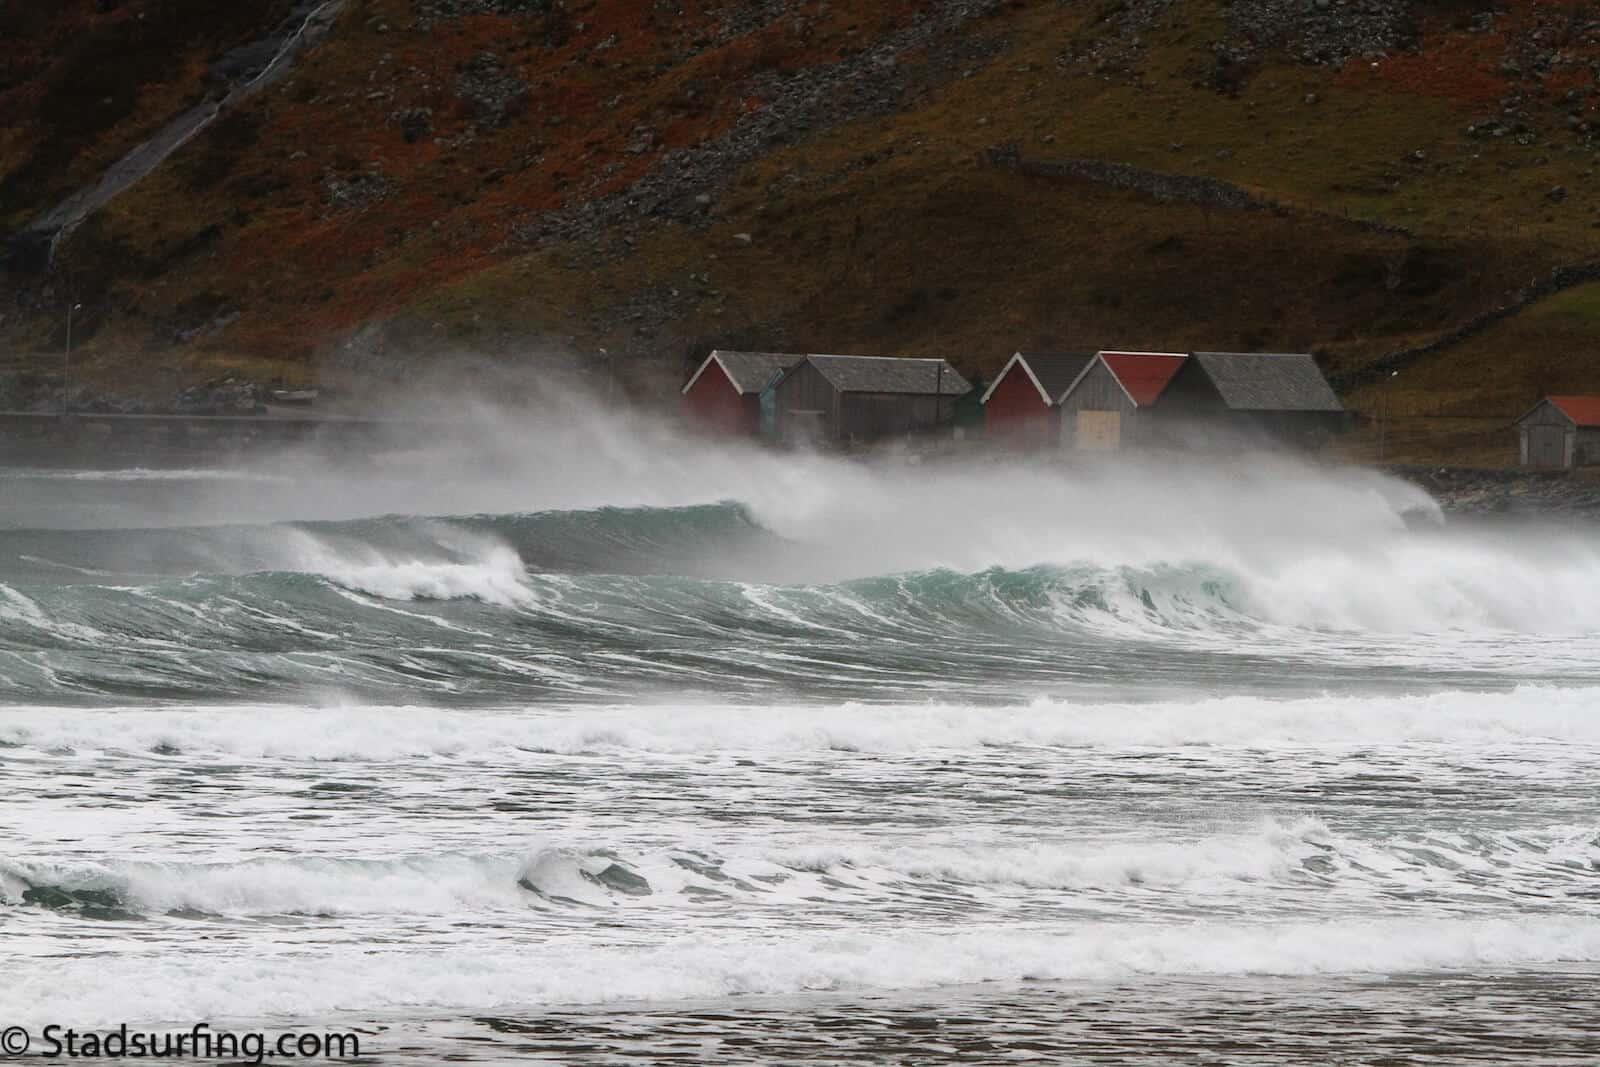 Swell etter swell etter swell